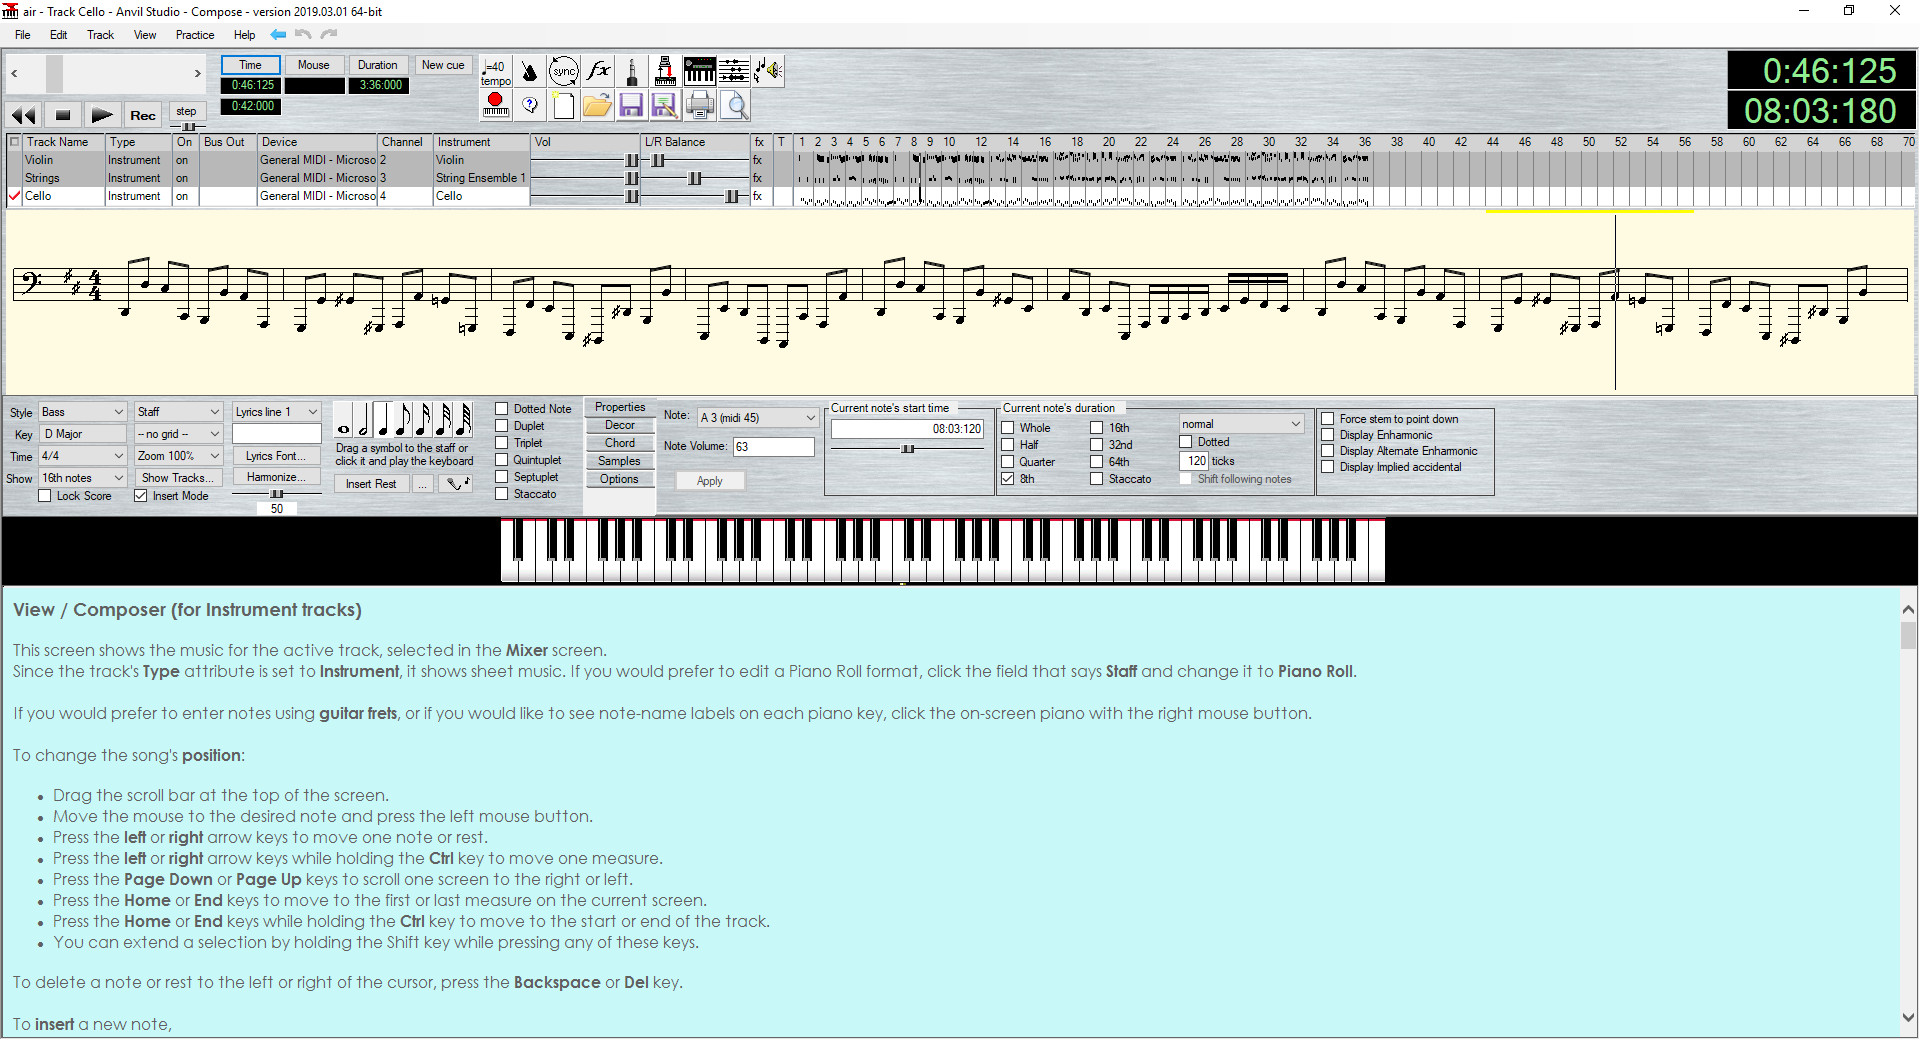 Screenshot 1 - Anvil Studio